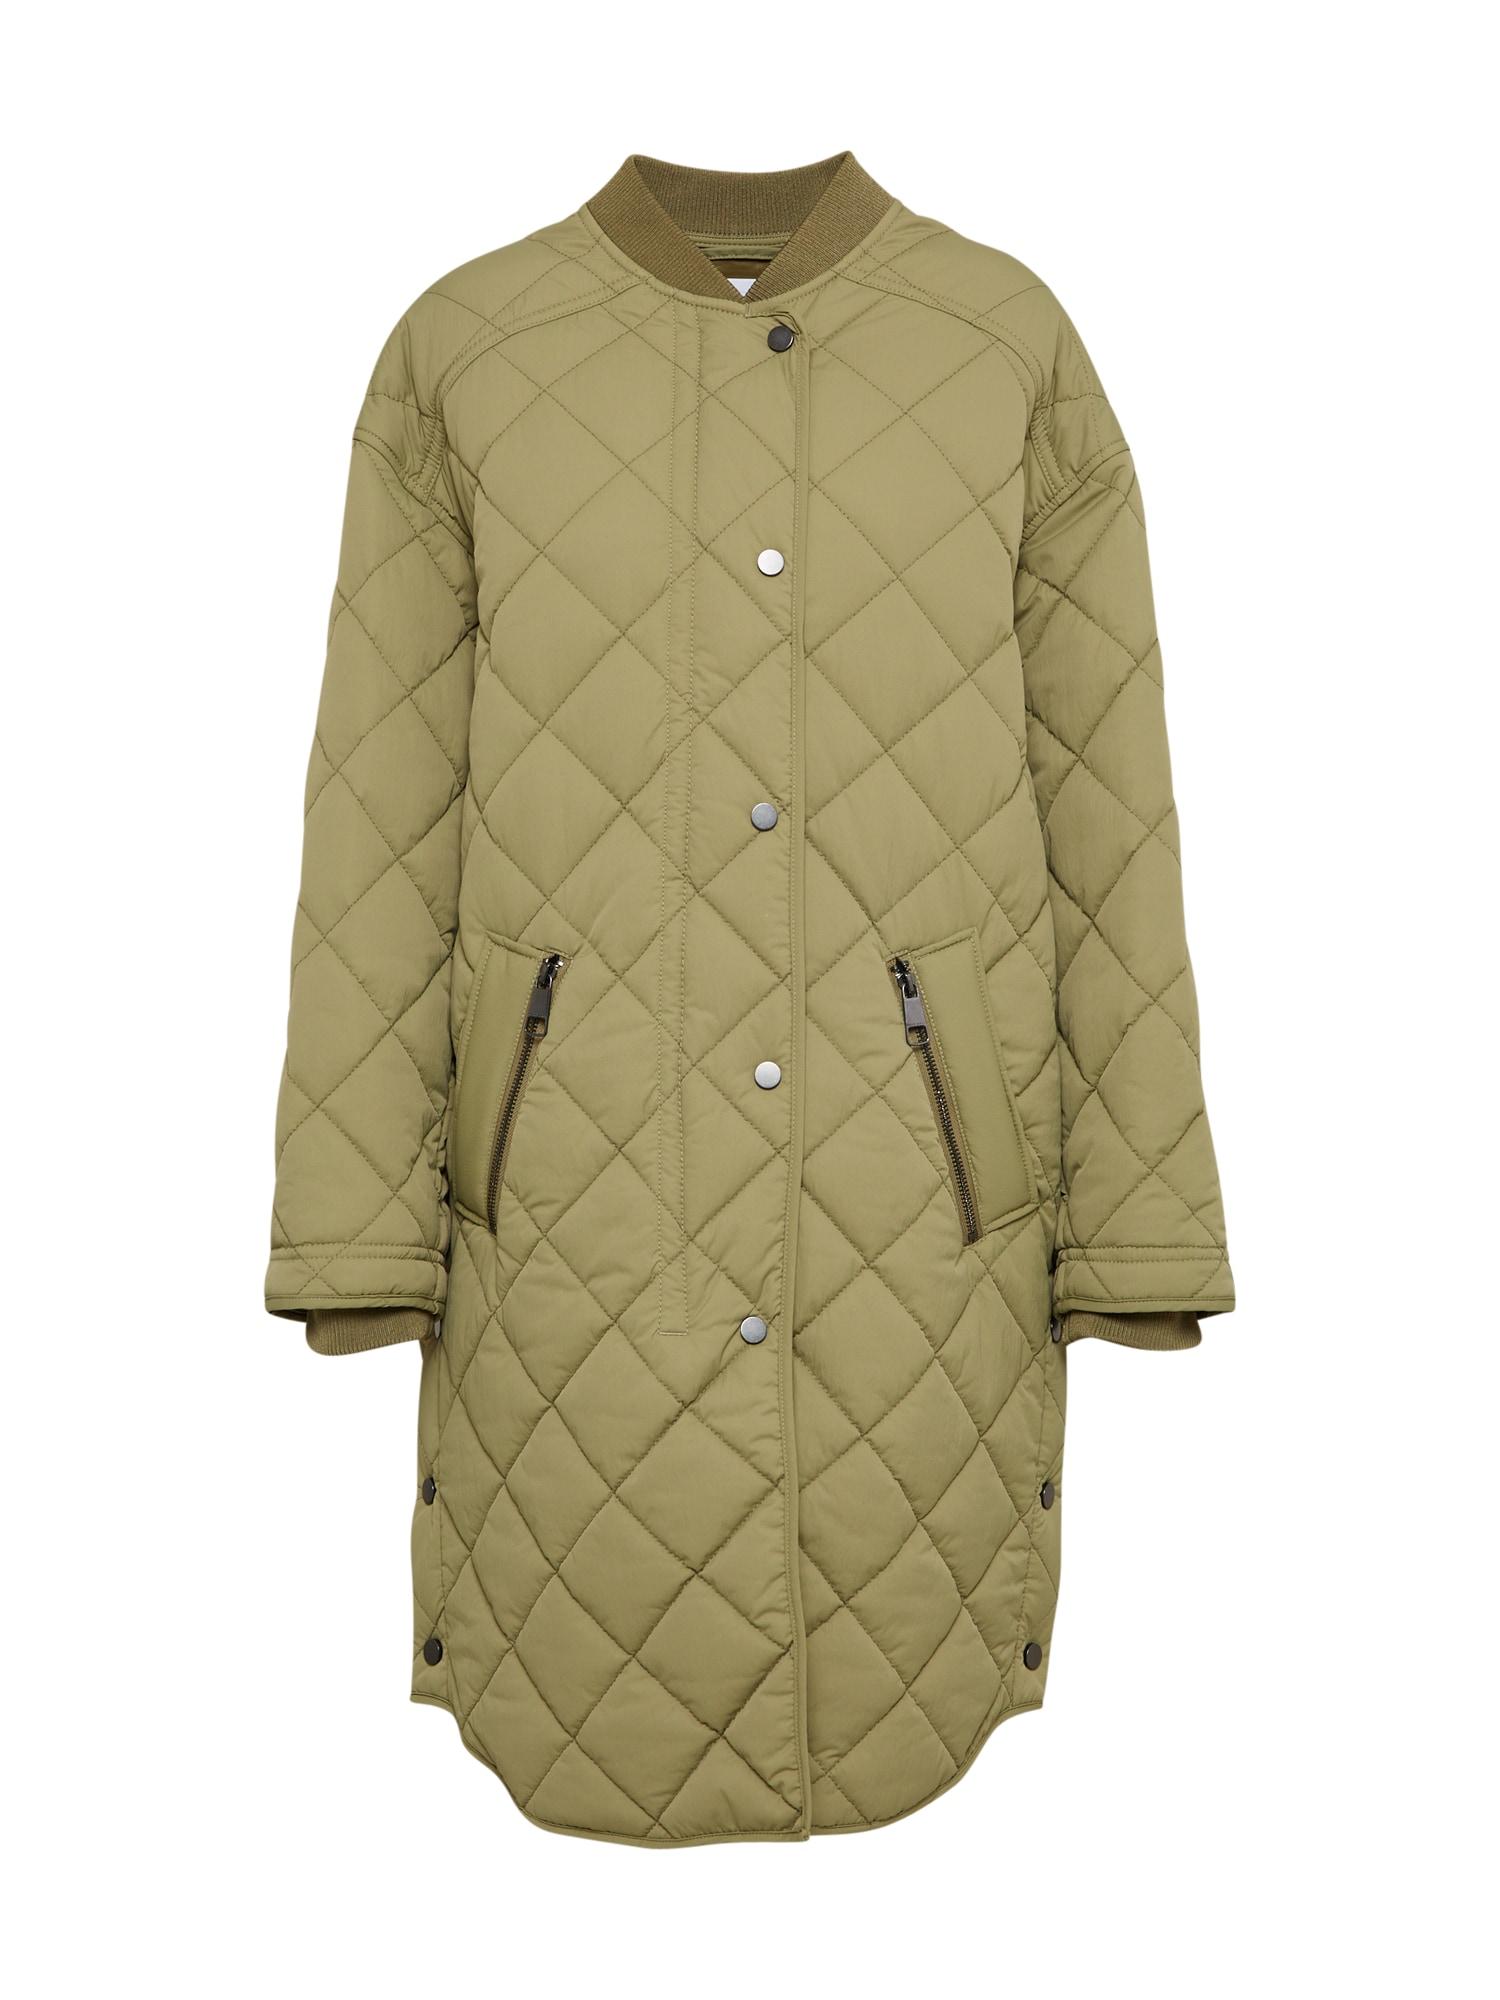 Přechodný kabát Ofabe khaki BOSS